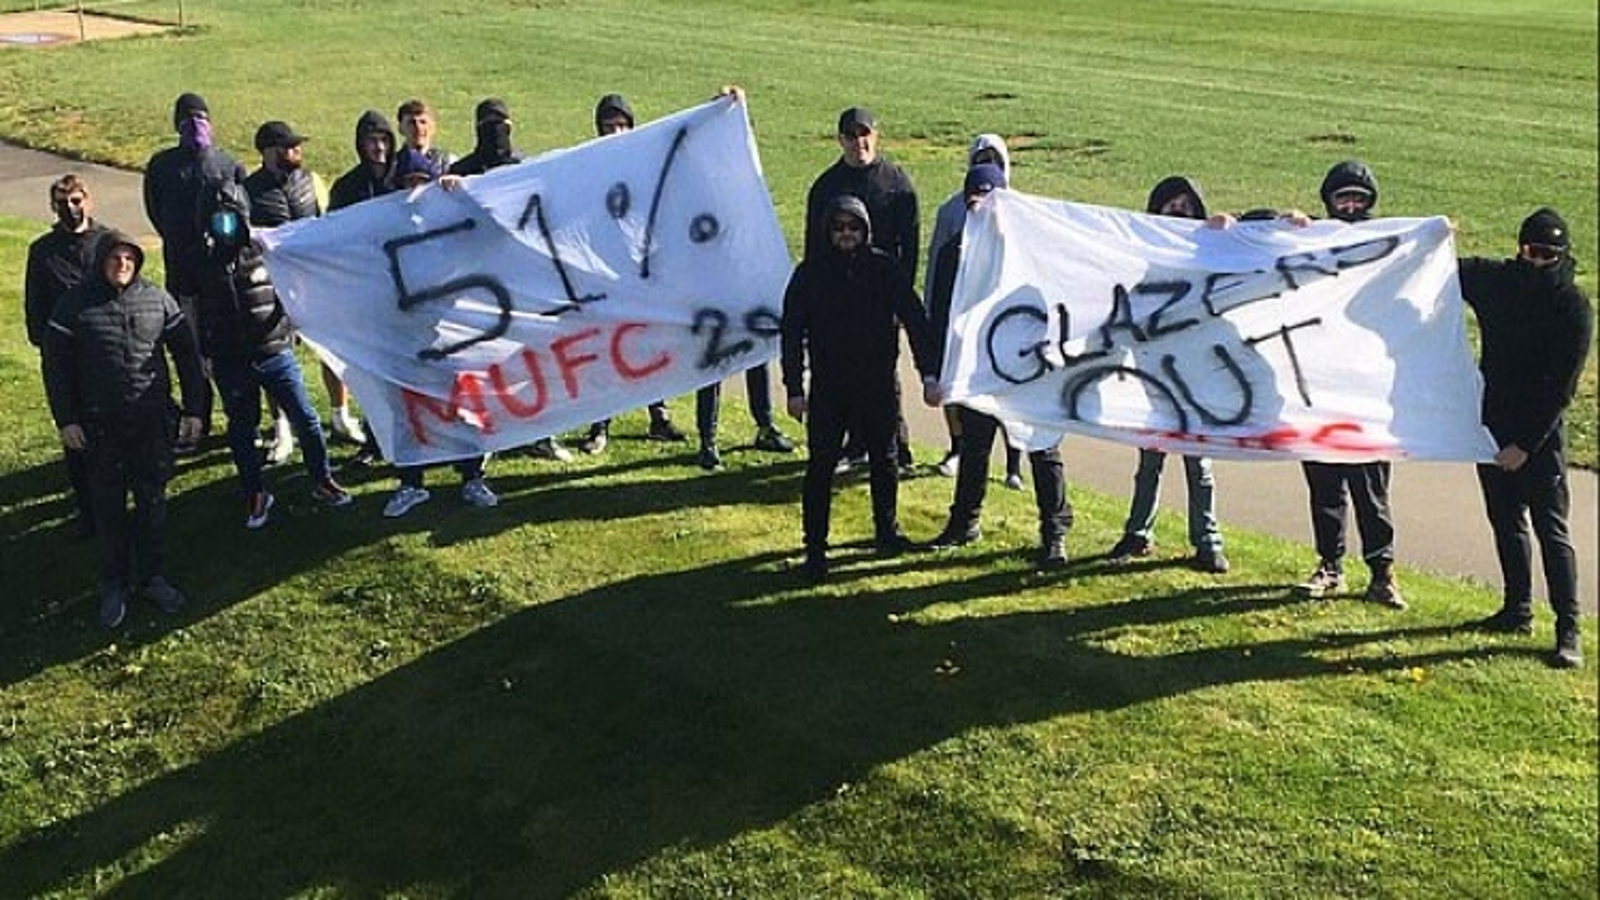 CĐV MU làm loạn, chặn đường cầu thủ đến sân tập để phản đối Super League